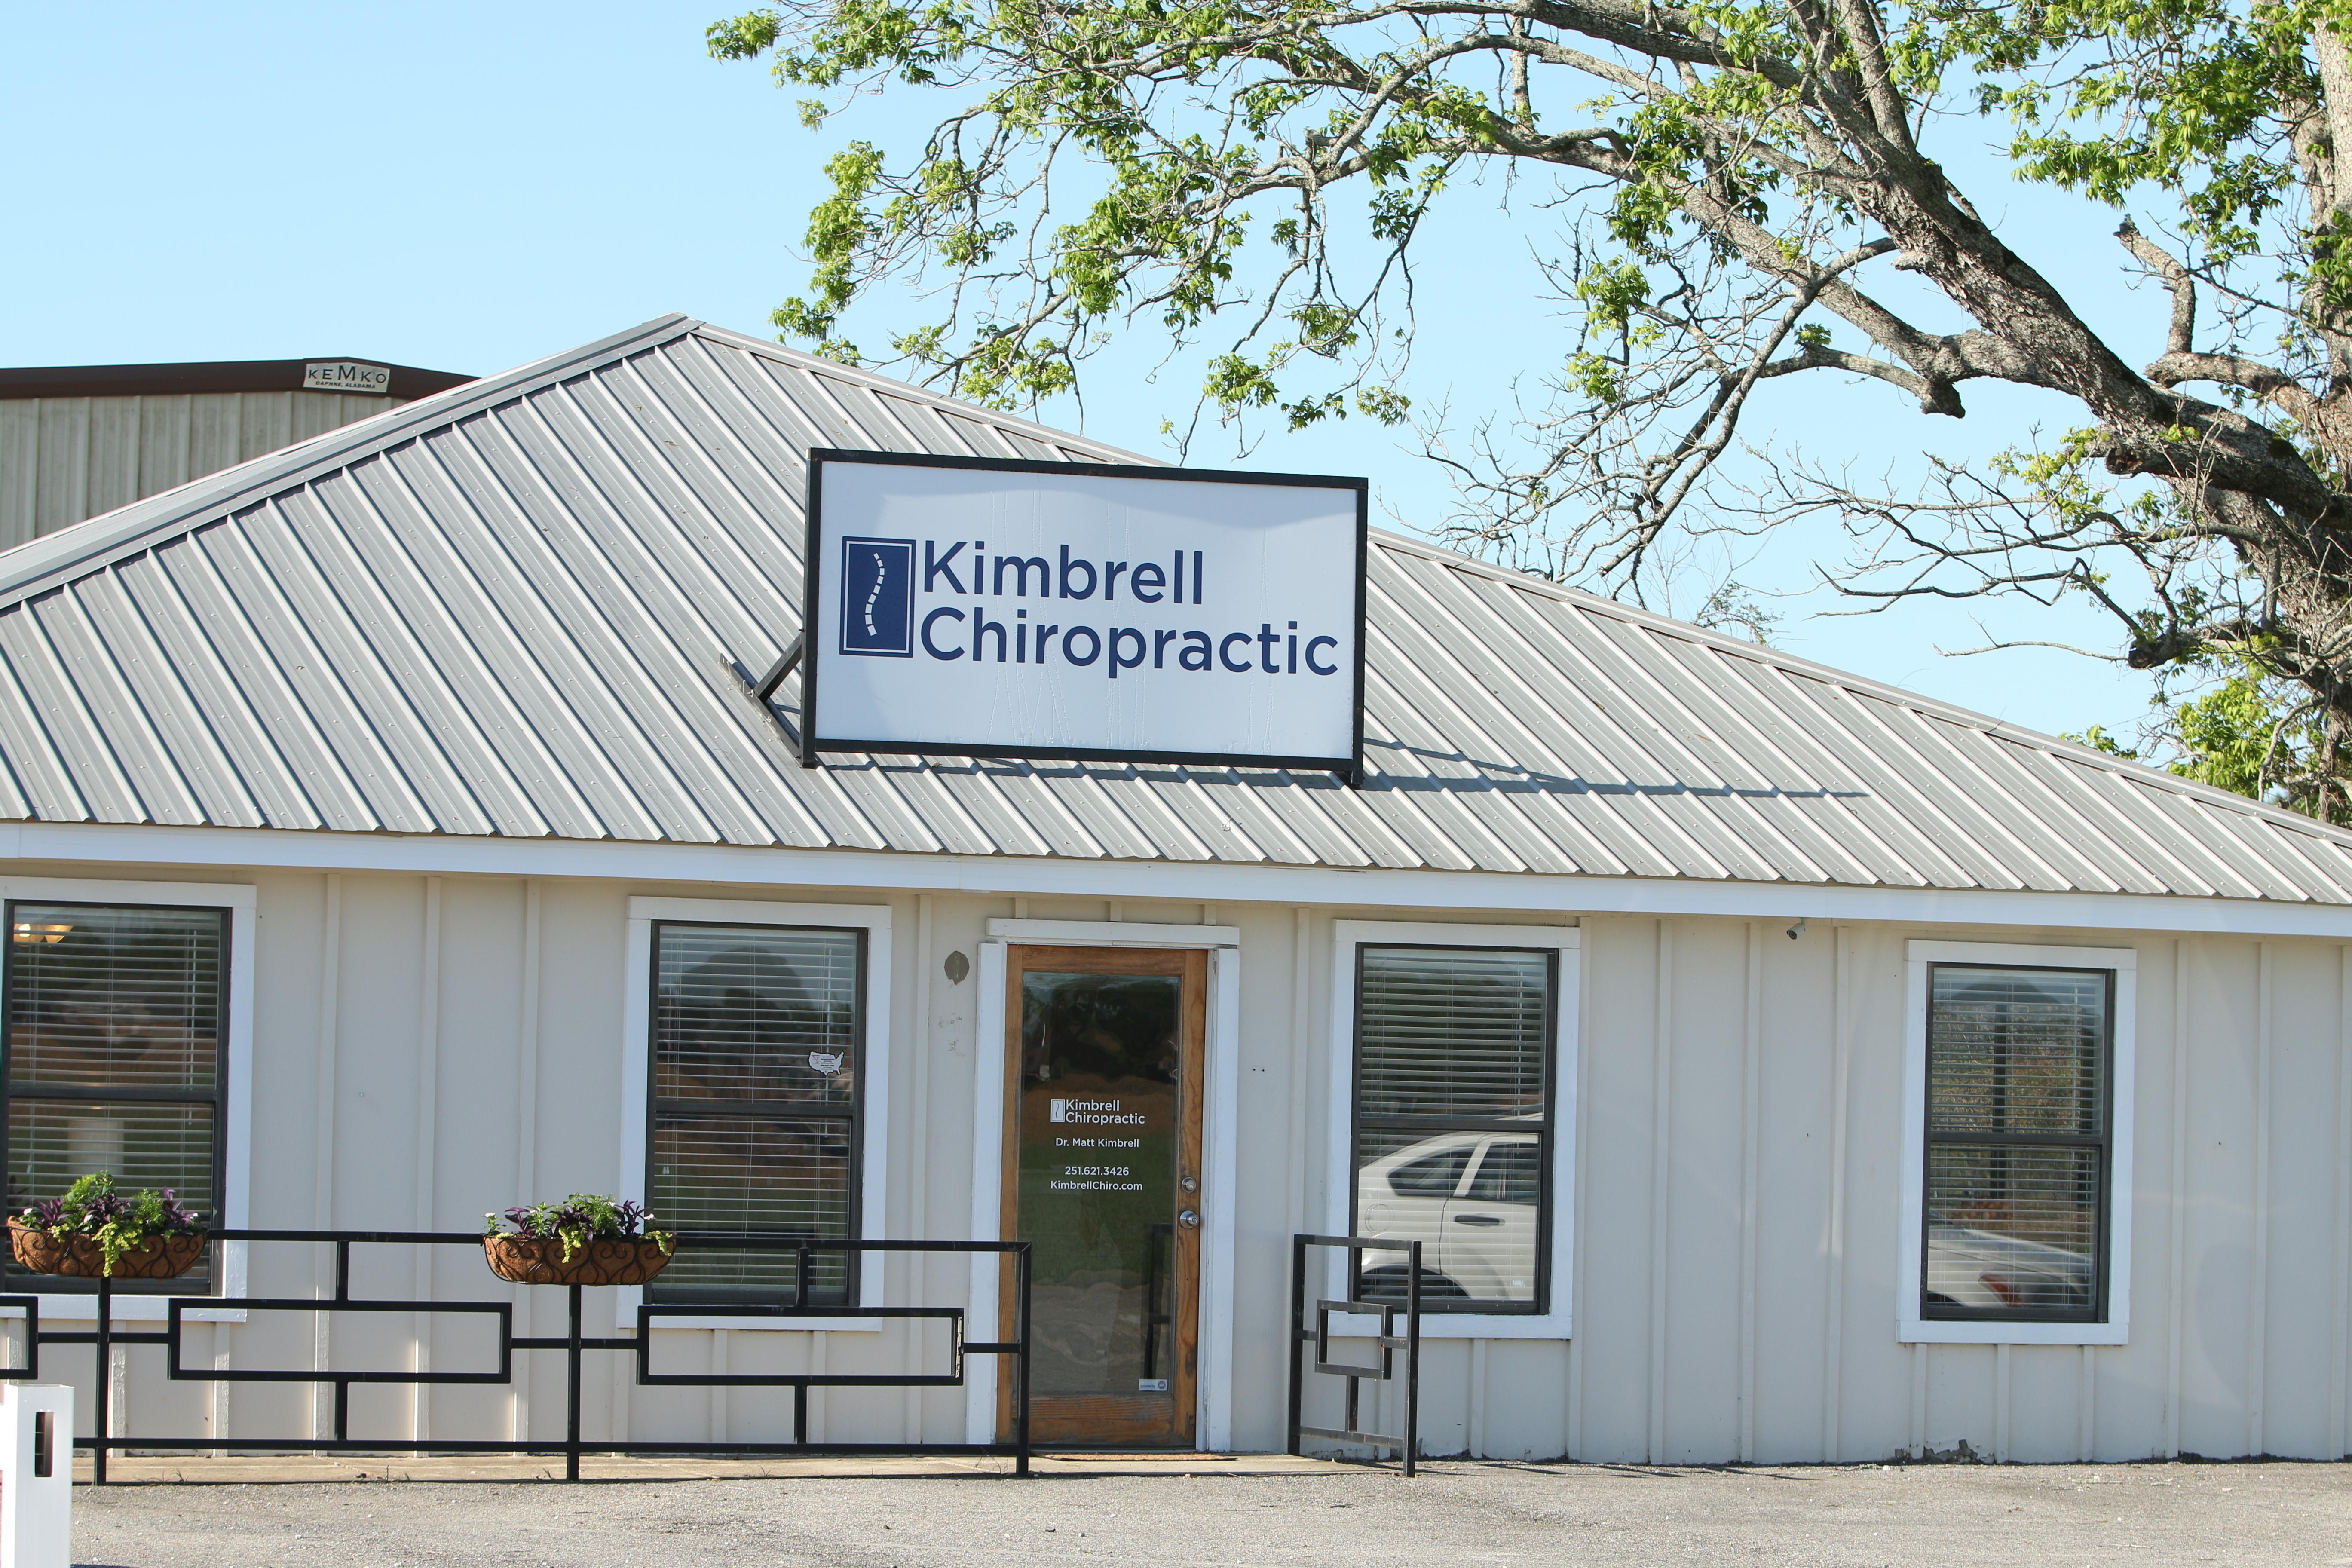 Kimbrell Chiropractic